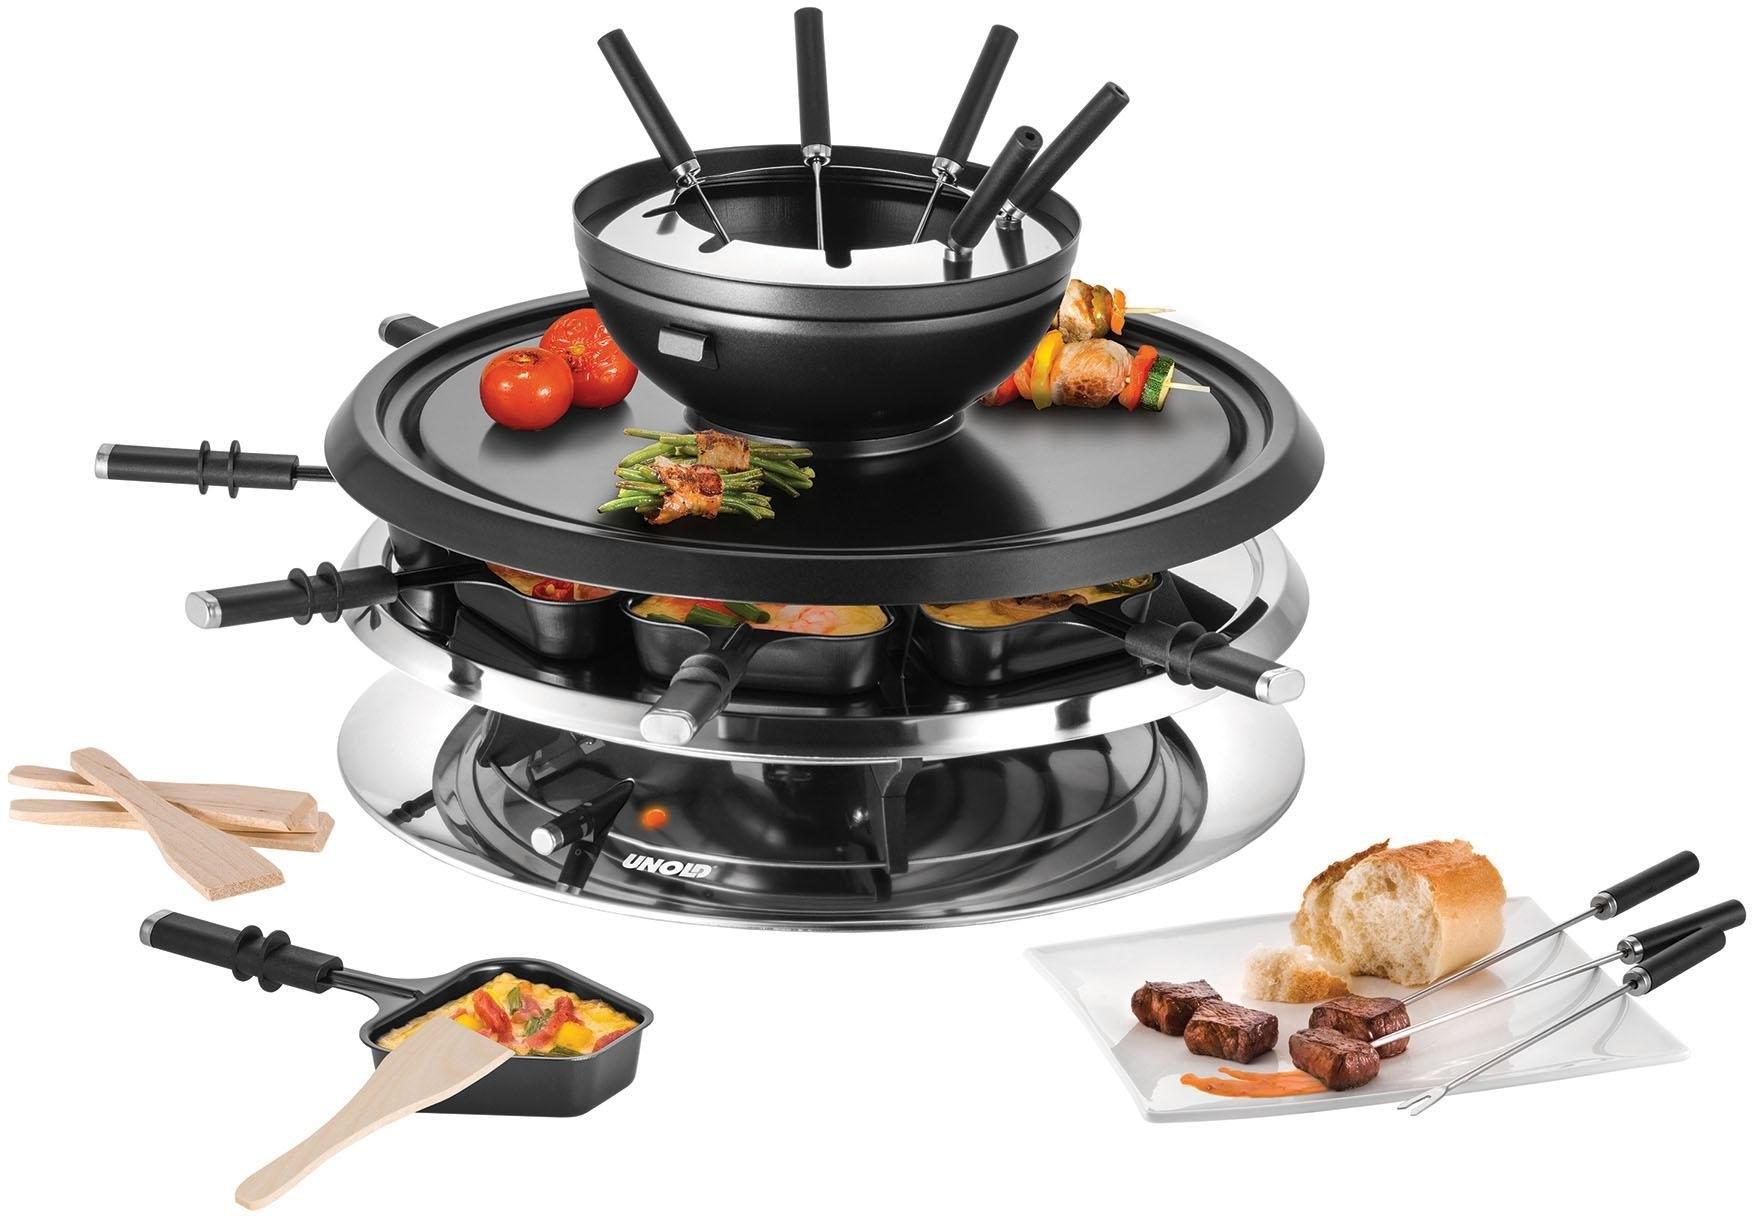 Unold raclette en fondueset Multi 4 in 1 - 48726 bij OTTO online kopen